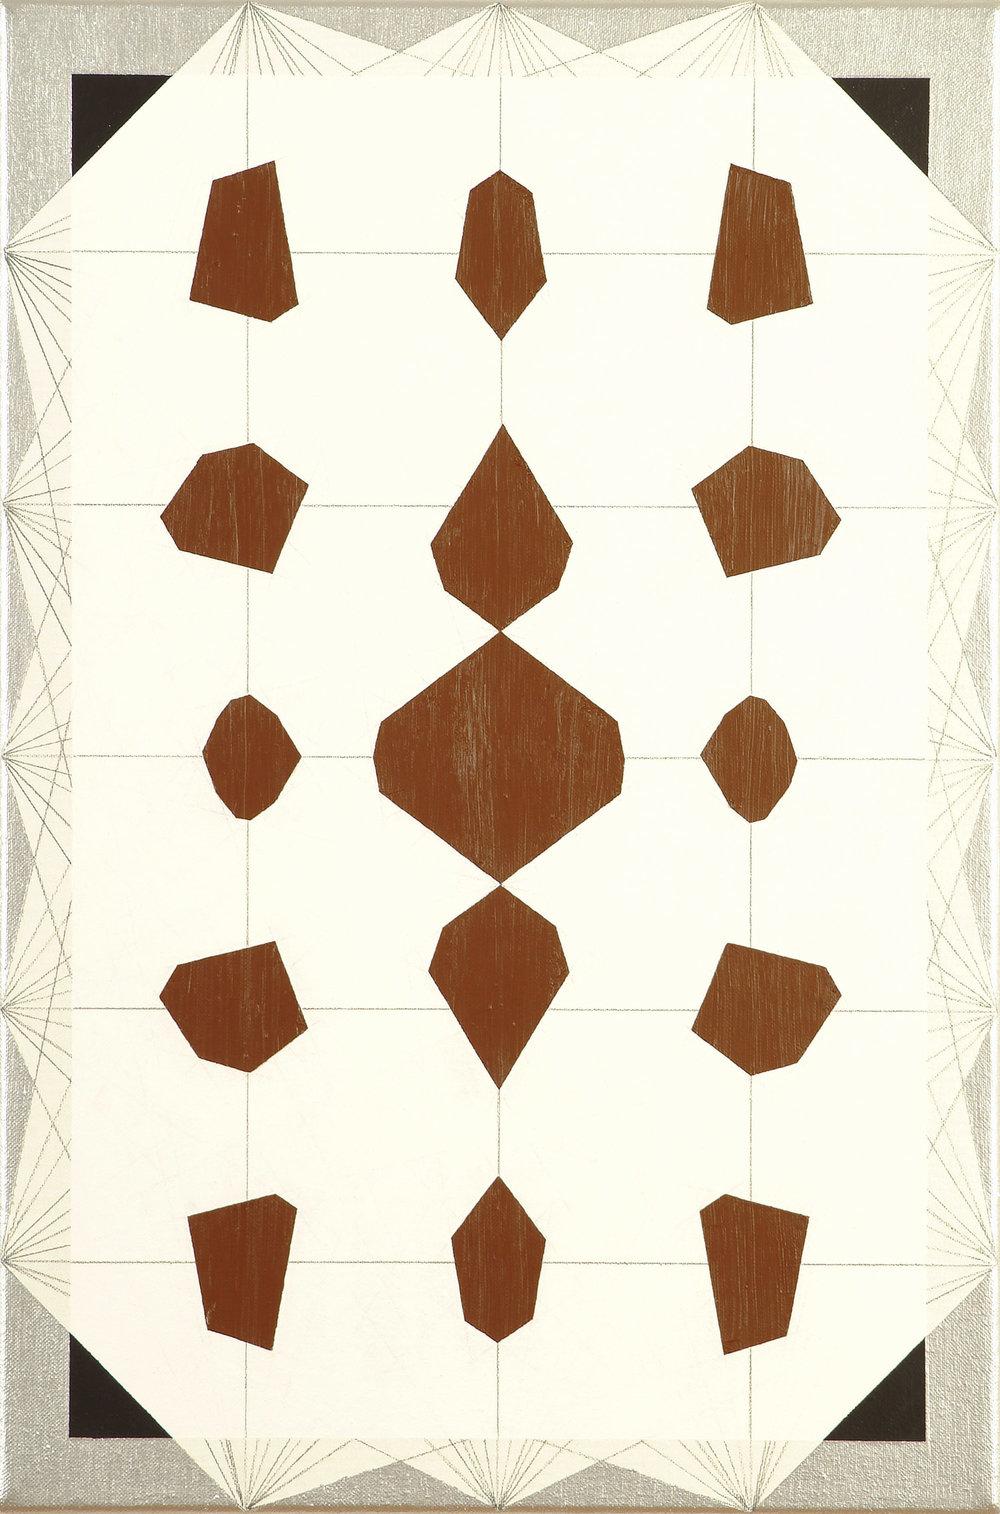 dezimal 23 | Acryl und Graphit auf Leinwand | 2000 | 60 x 40 cm